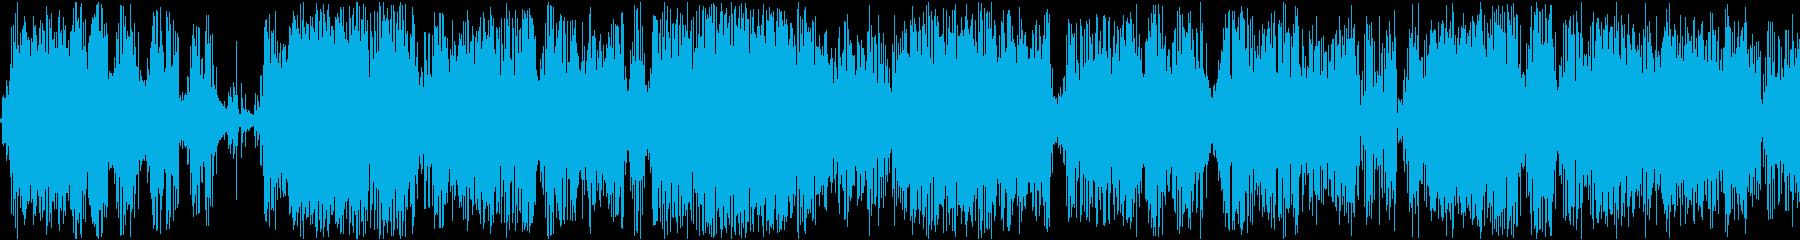 ハード電気火炎アークバースト電気、...の再生済みの波形